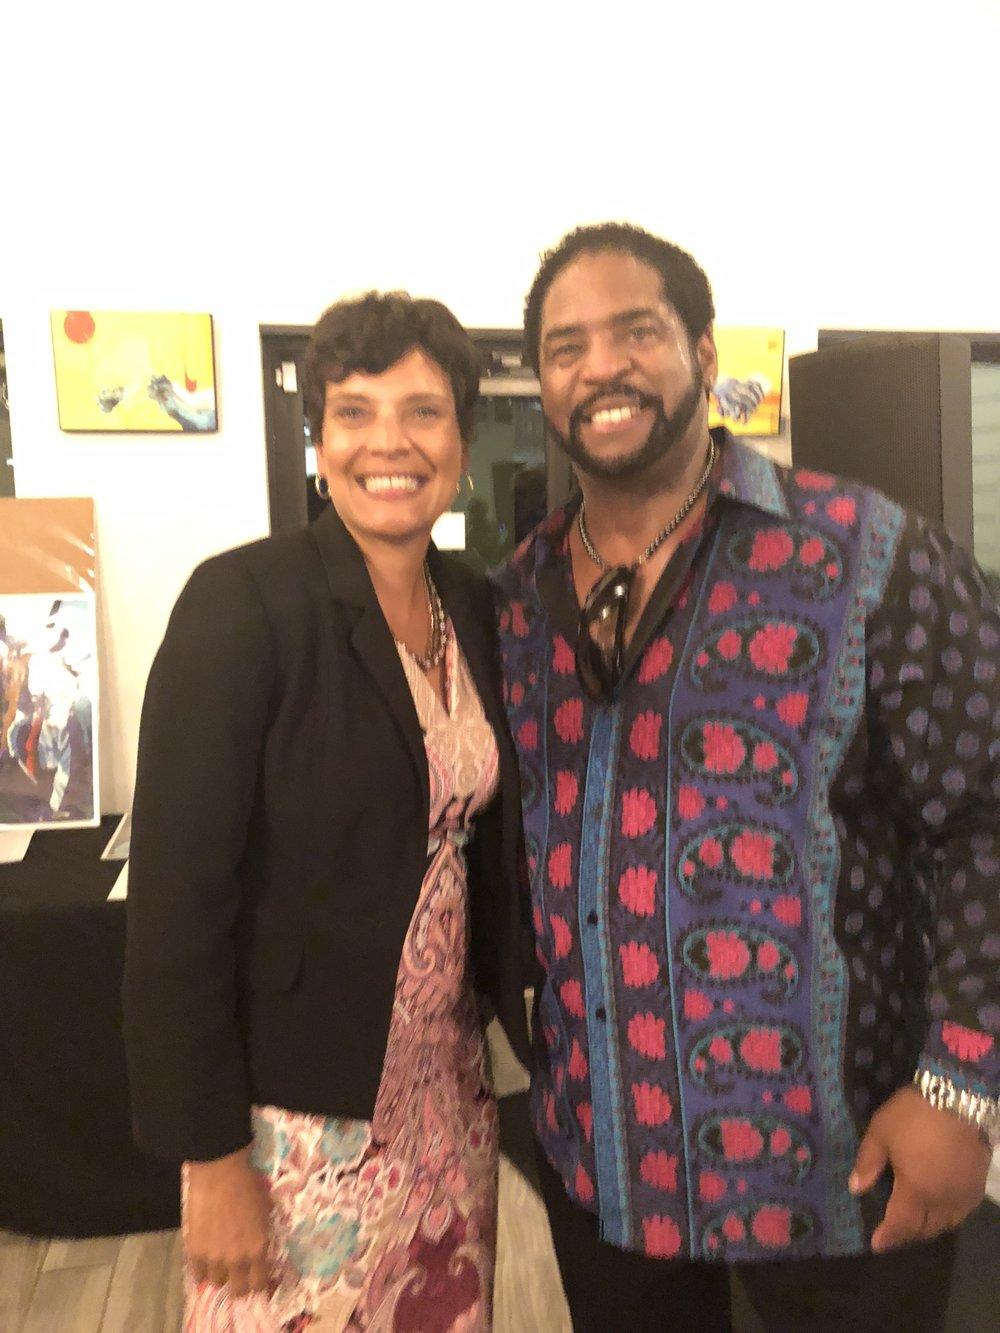 Dr. Peg and R+B artist, Miles Jaye